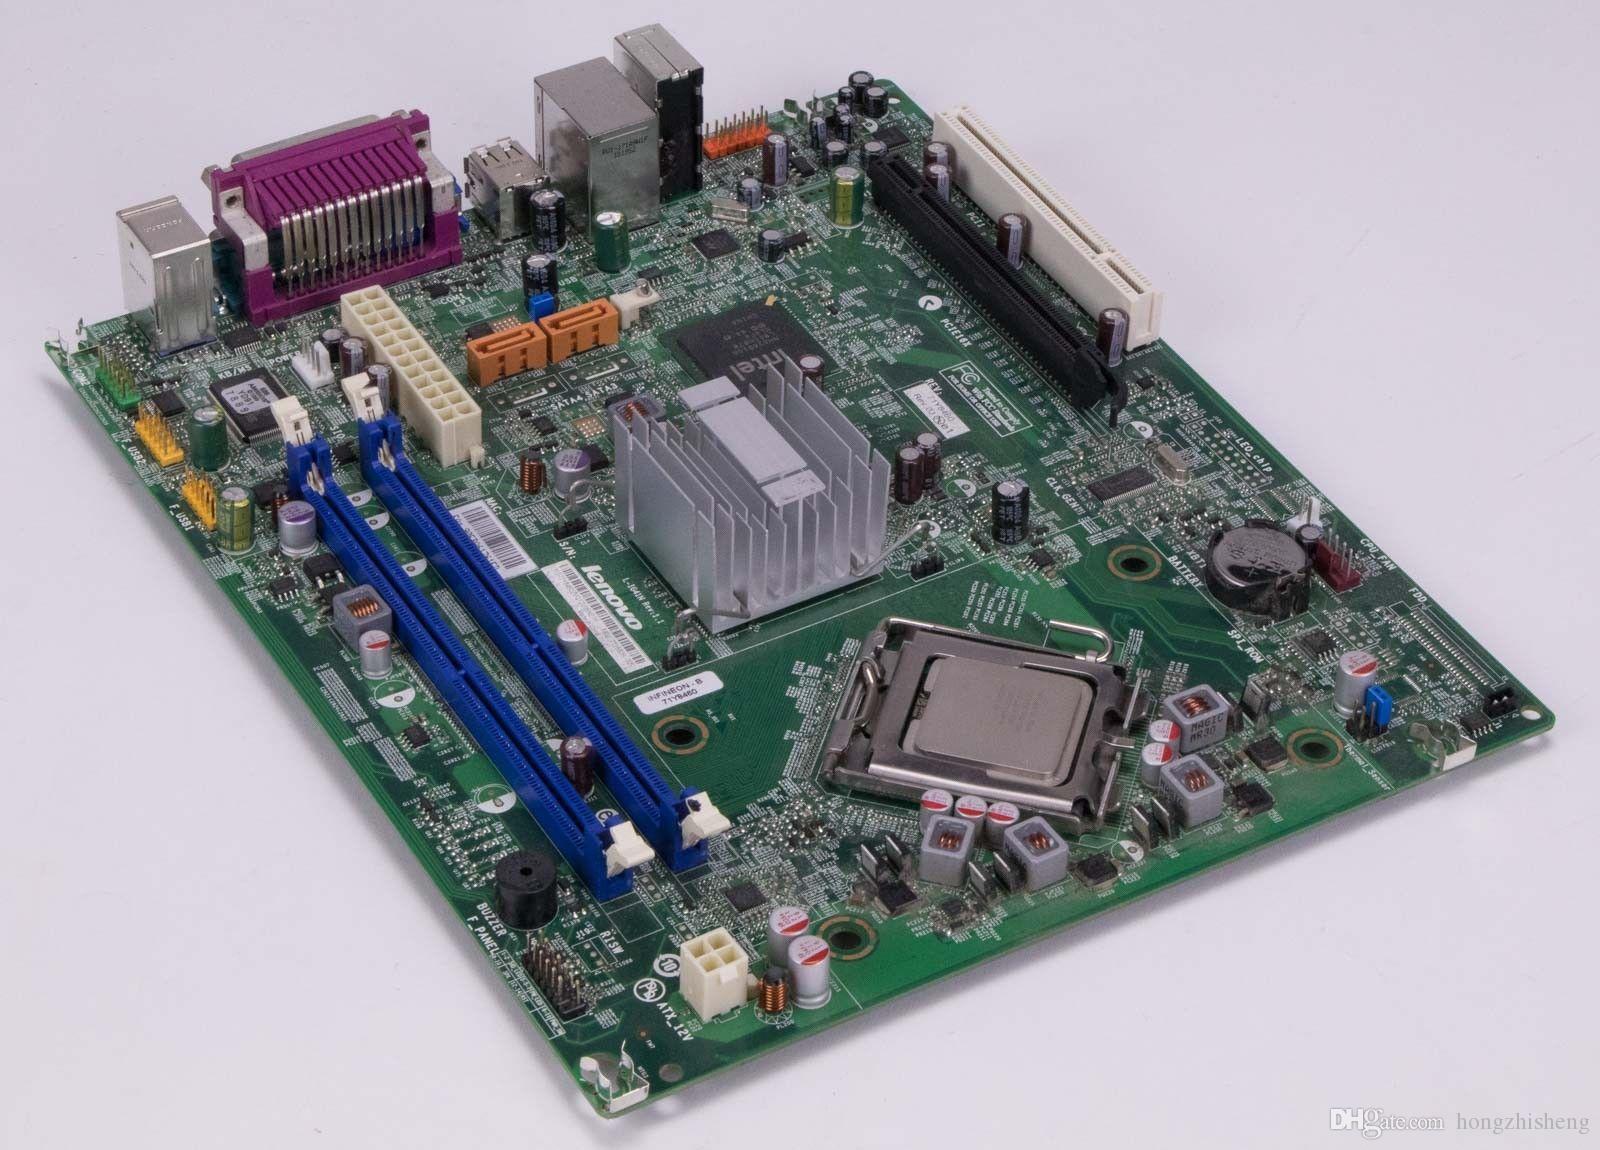 Хорошее качество CHUANGYISU для оригинальной материнской платы A58, BTX G41, DDR3, L-IG41N, LGA 775,11013116, работает идеально